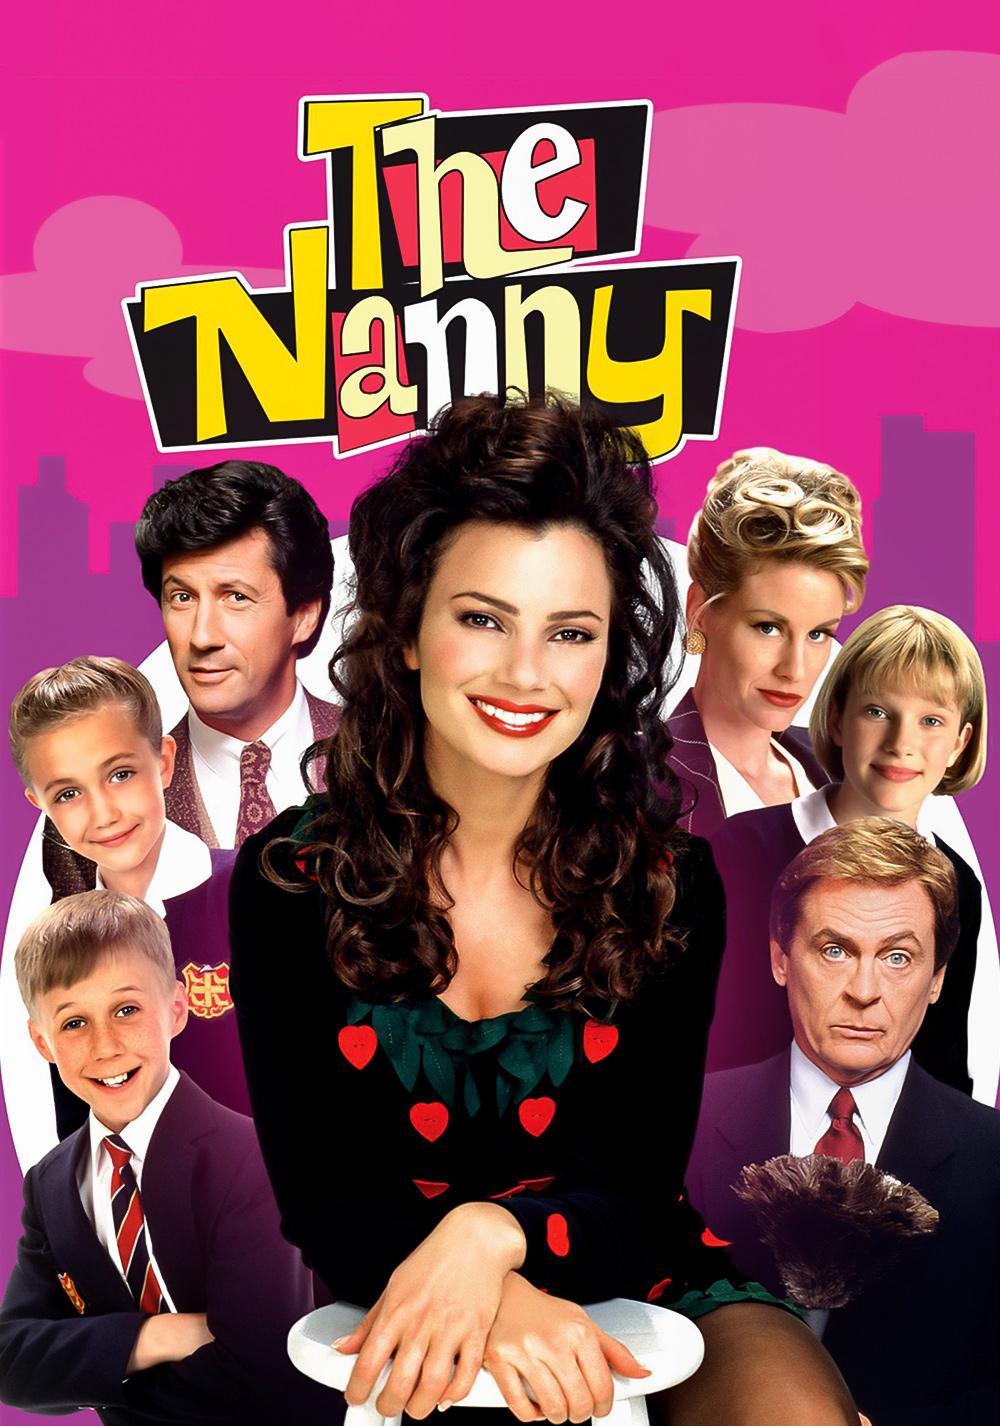 the-nanny-53a2f31dba8f2